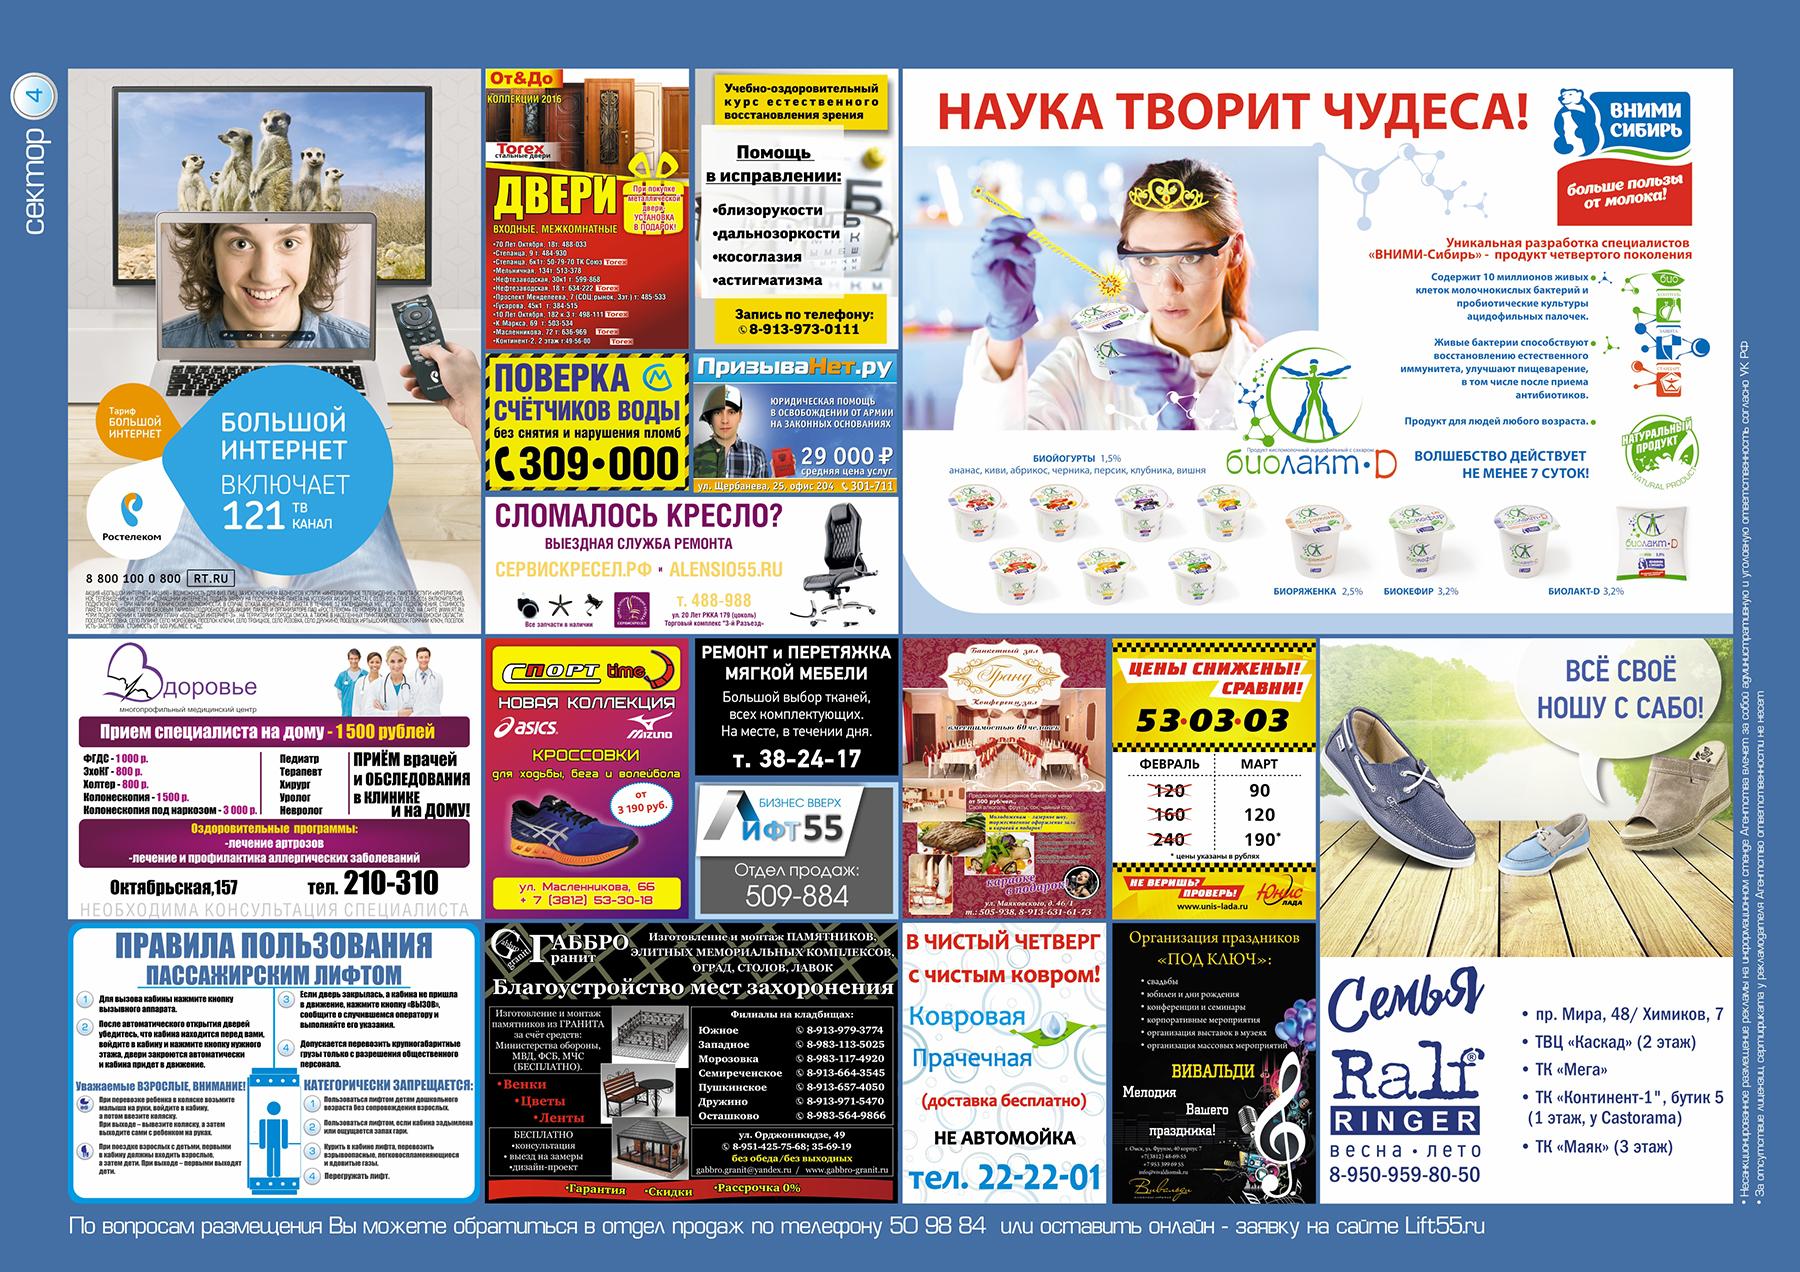 Информационная сетка за апрель 2016 (сектор 4)